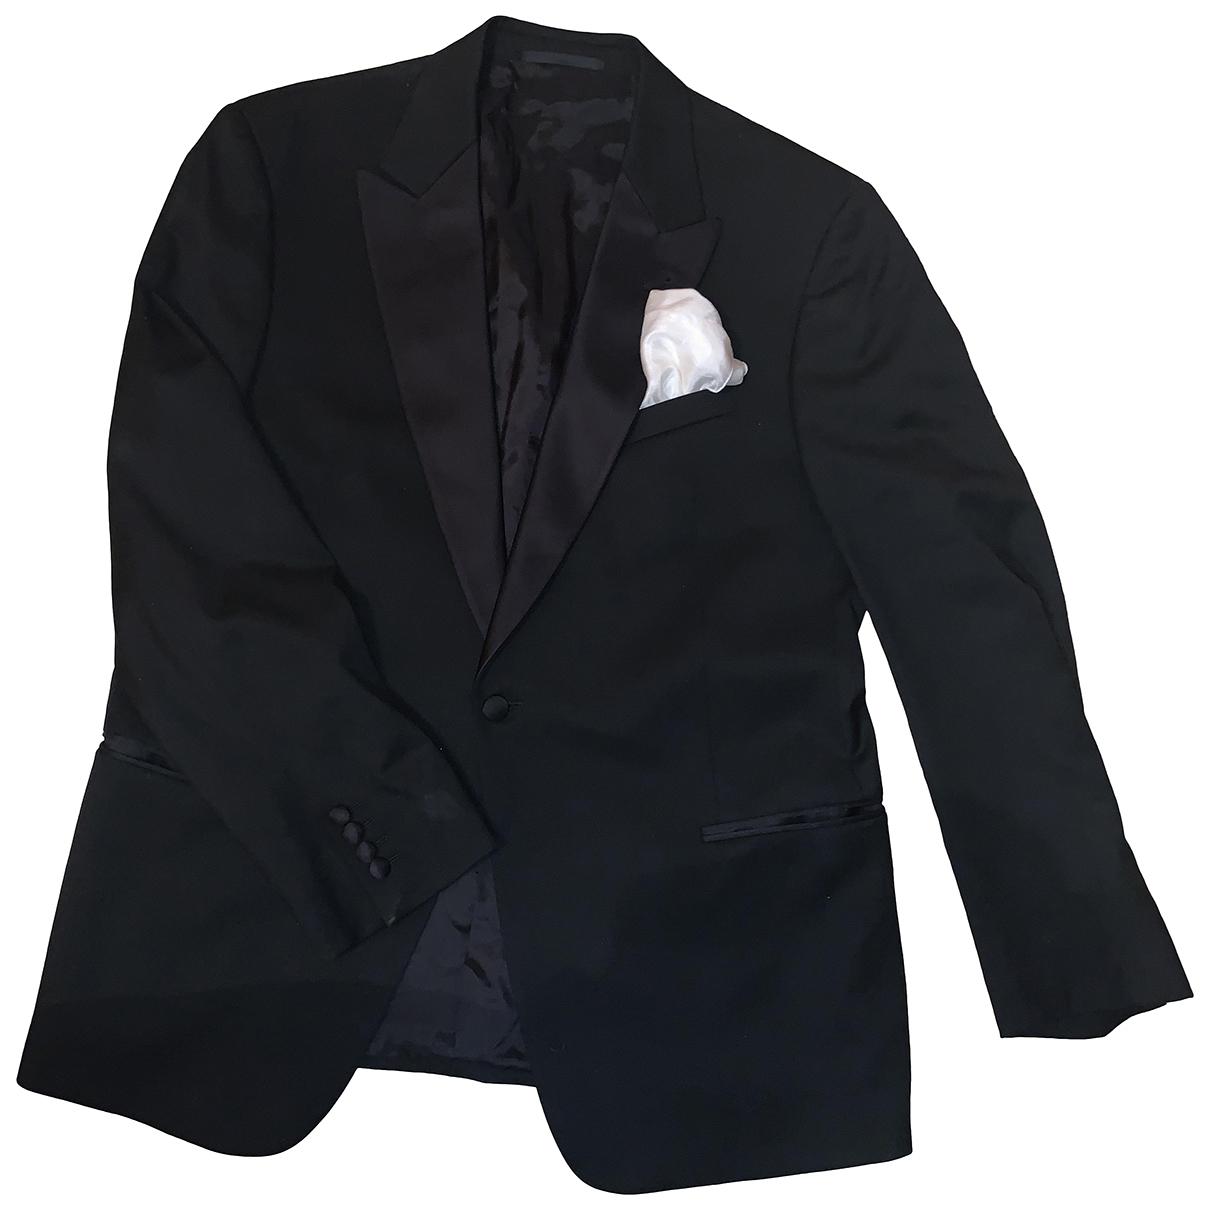 Armani Collezioni - Costumes   pour homme - noir